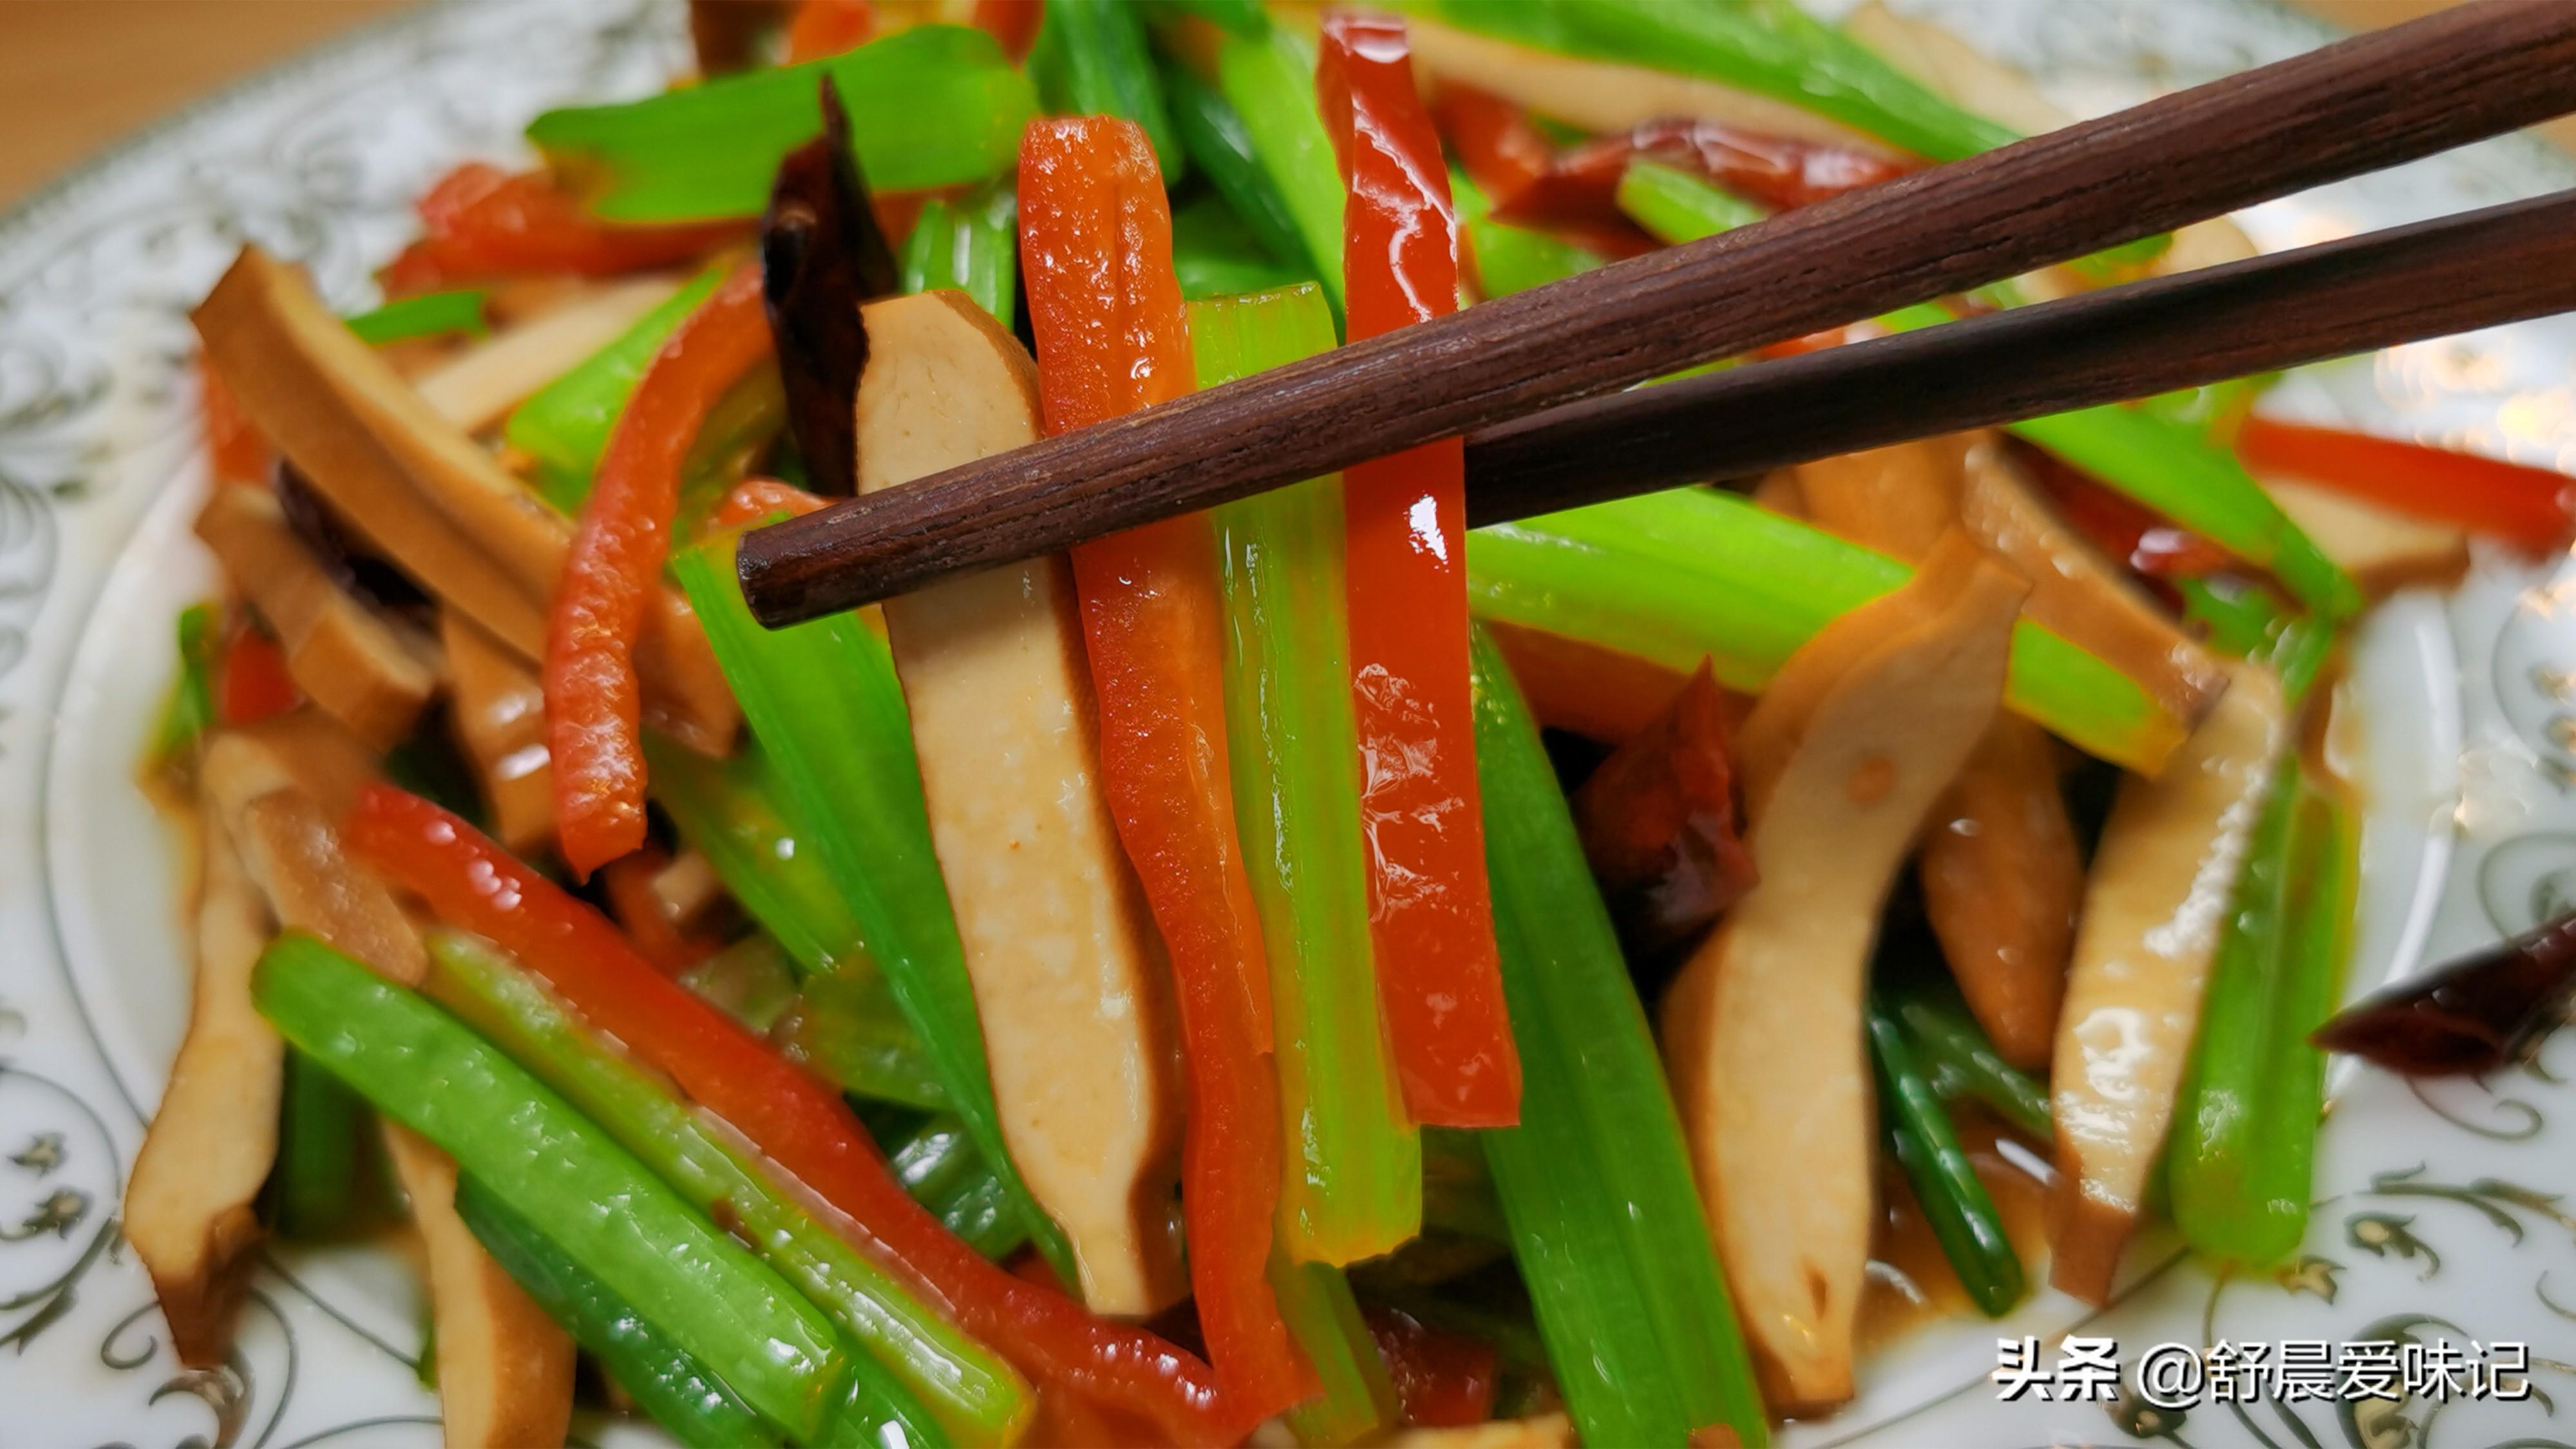 芹菜炒豆干,怎么做才好吃?饭店都喜欢的做法,清脆爽口又入味 美食做法 第2张